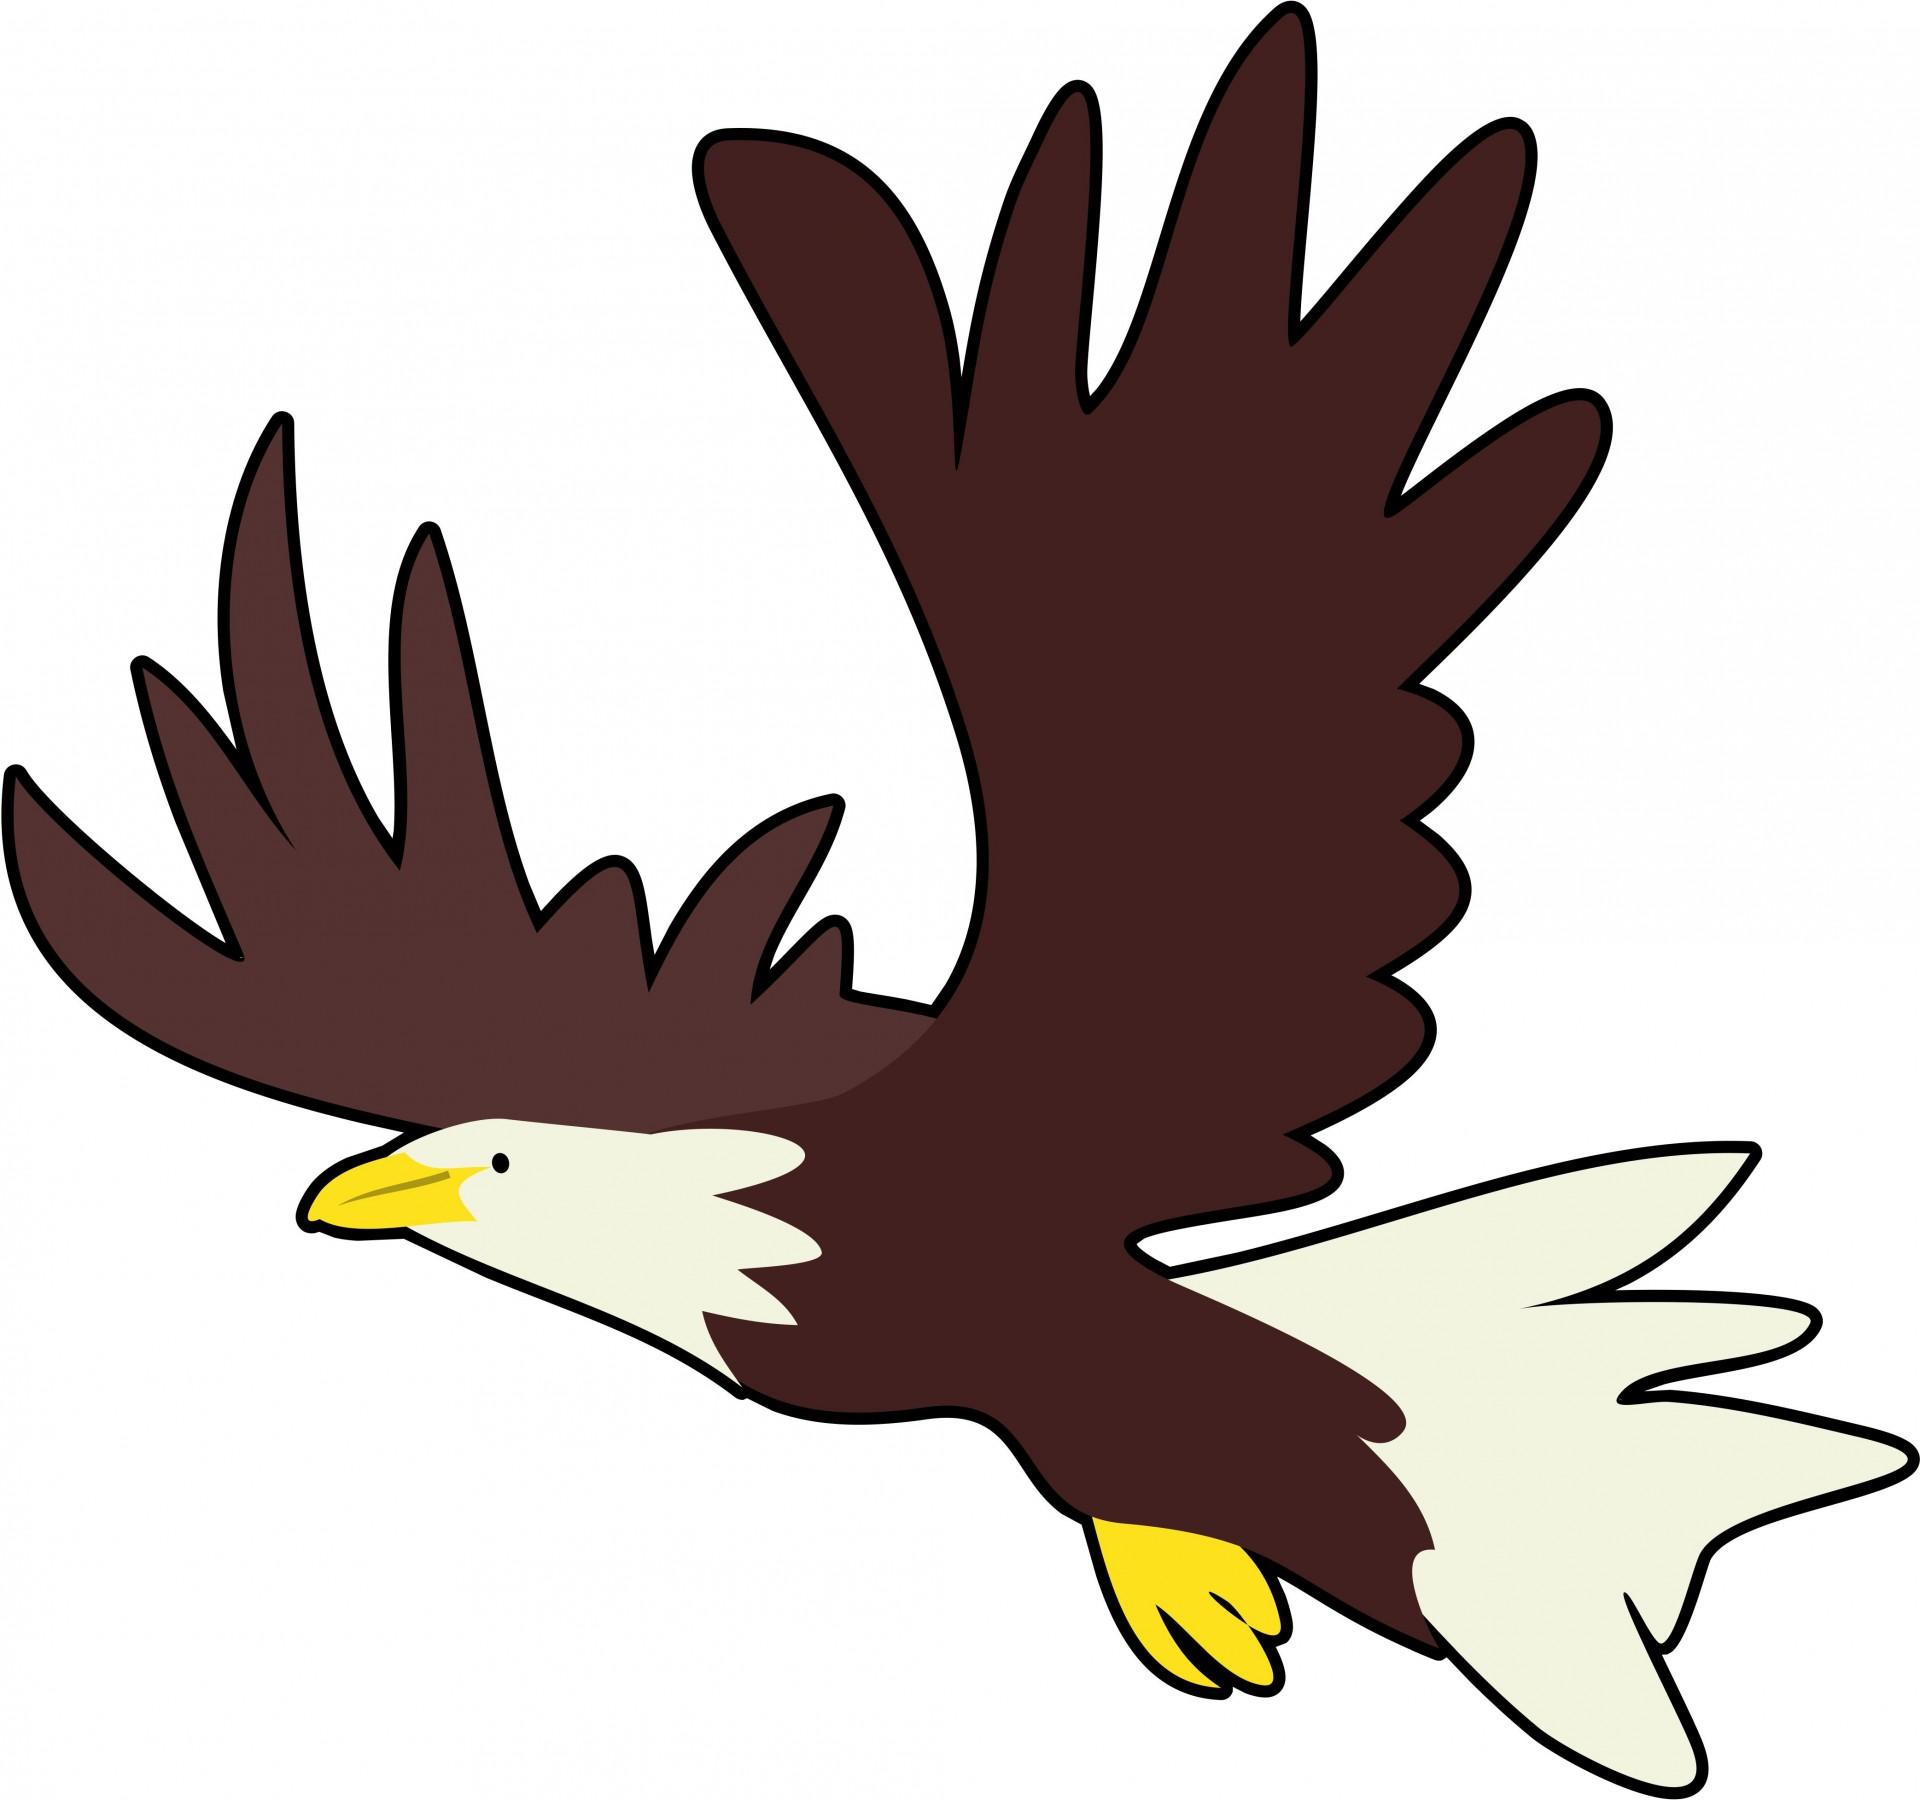 Bald free stock photo. Eagle clipart